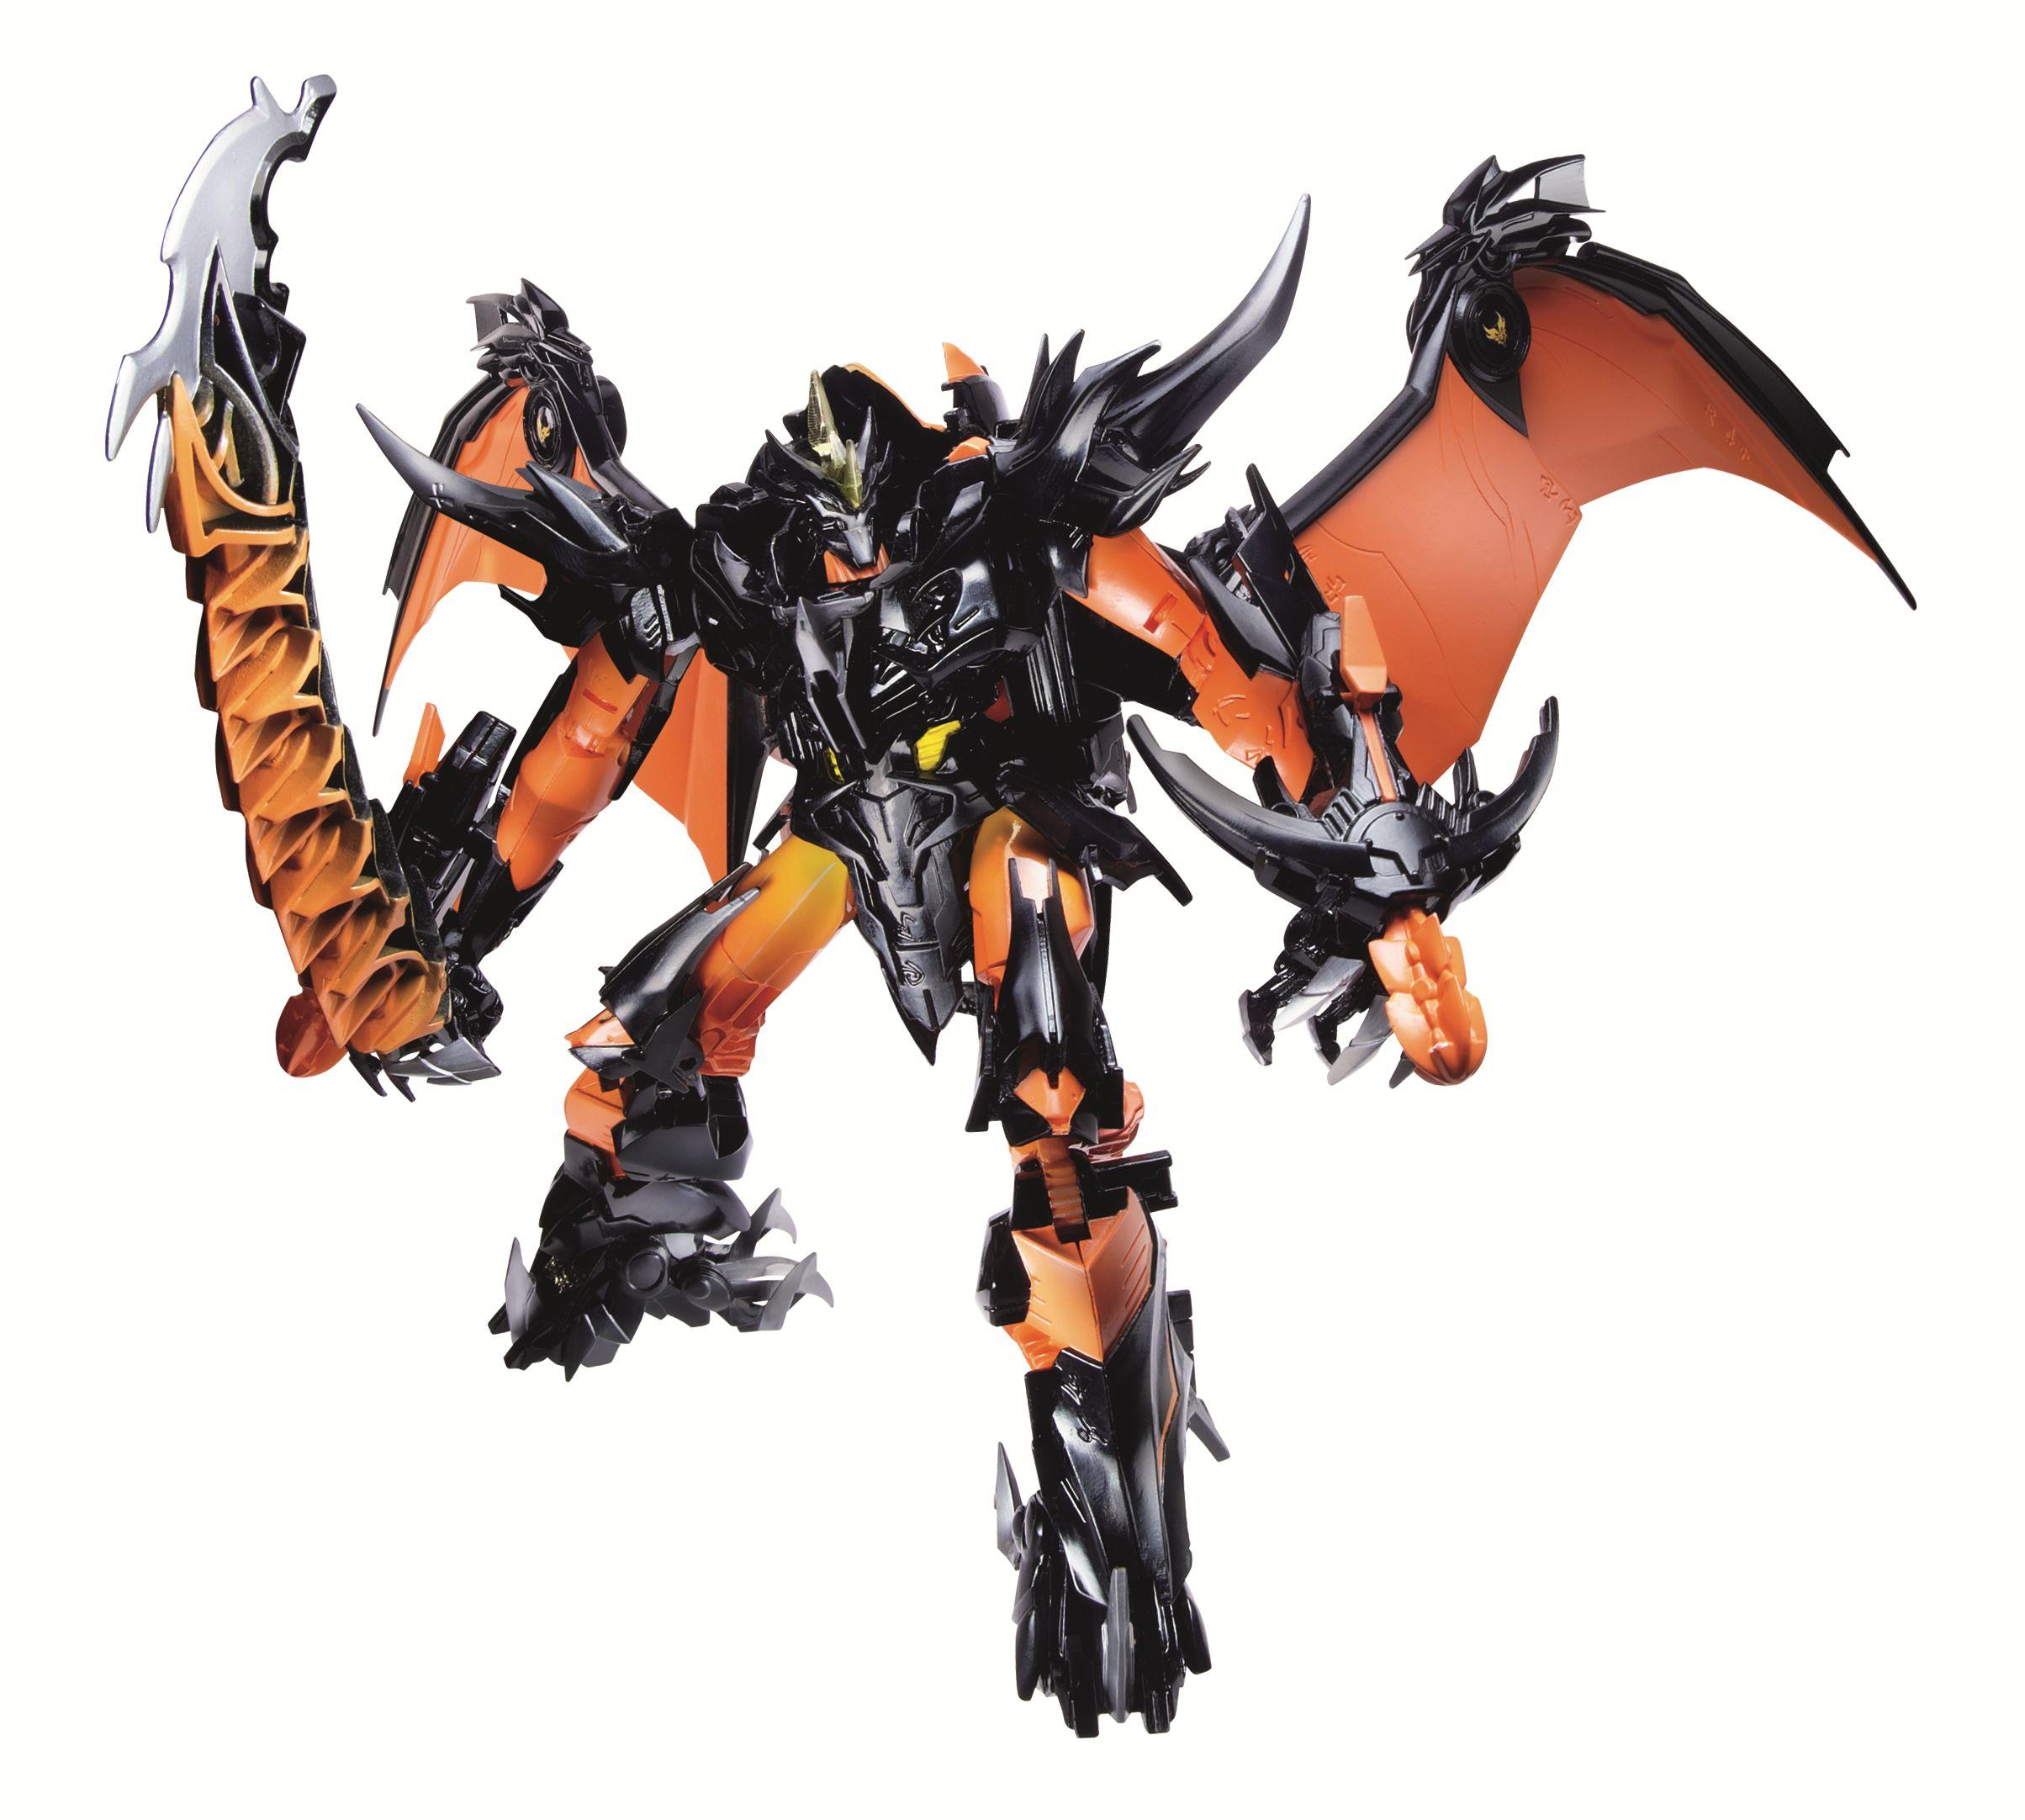 prime beast hunters ultimate dragon hunter optimus prime and predaking